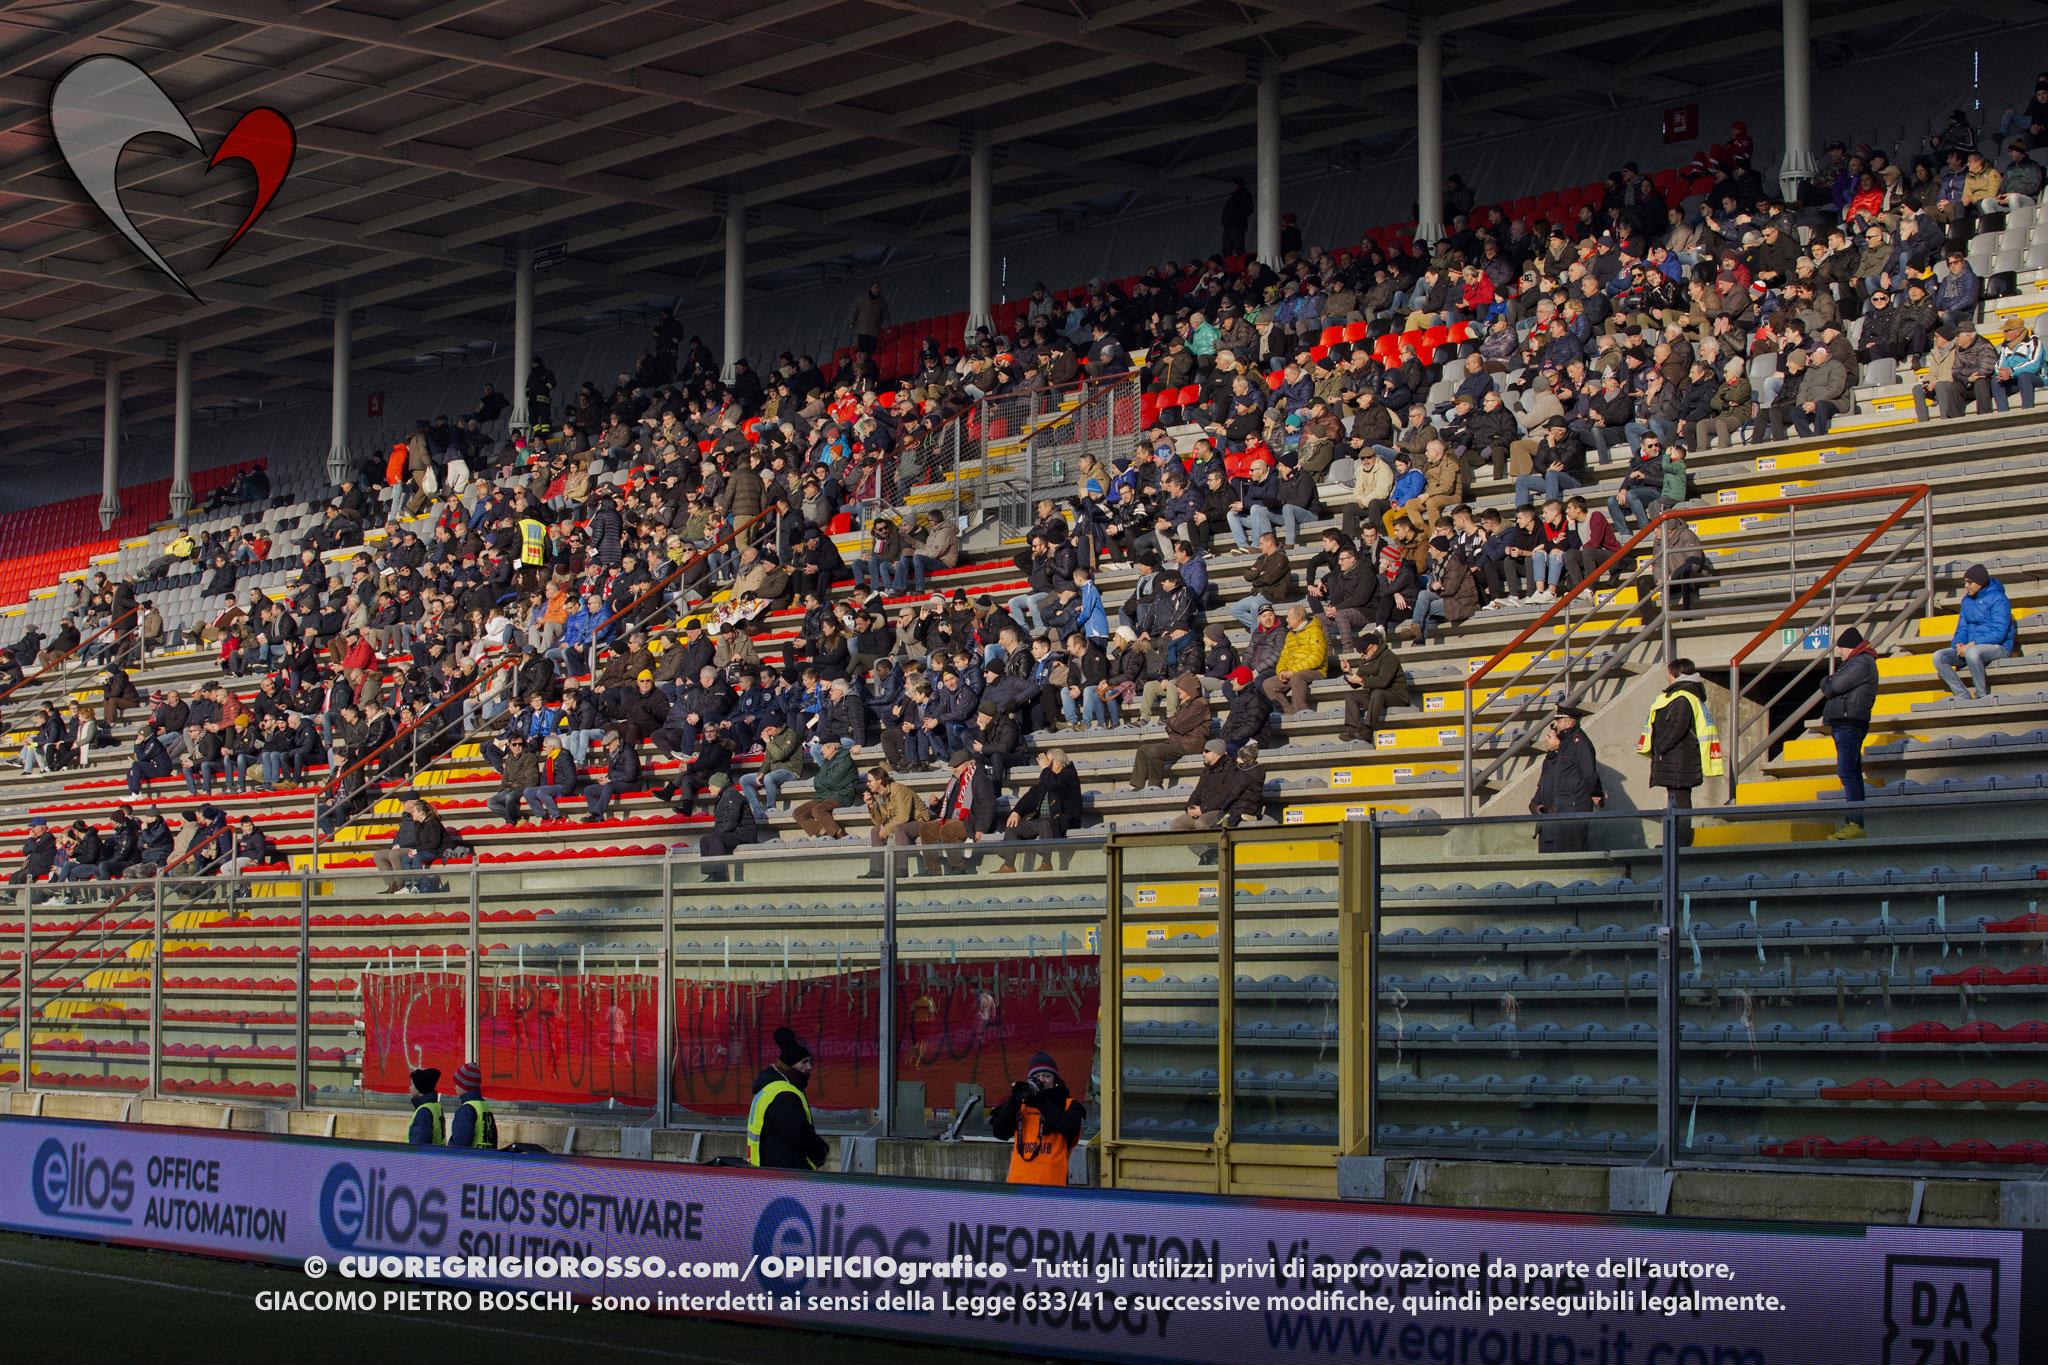 Cremonese-Palermo, le modalità per i biglietti